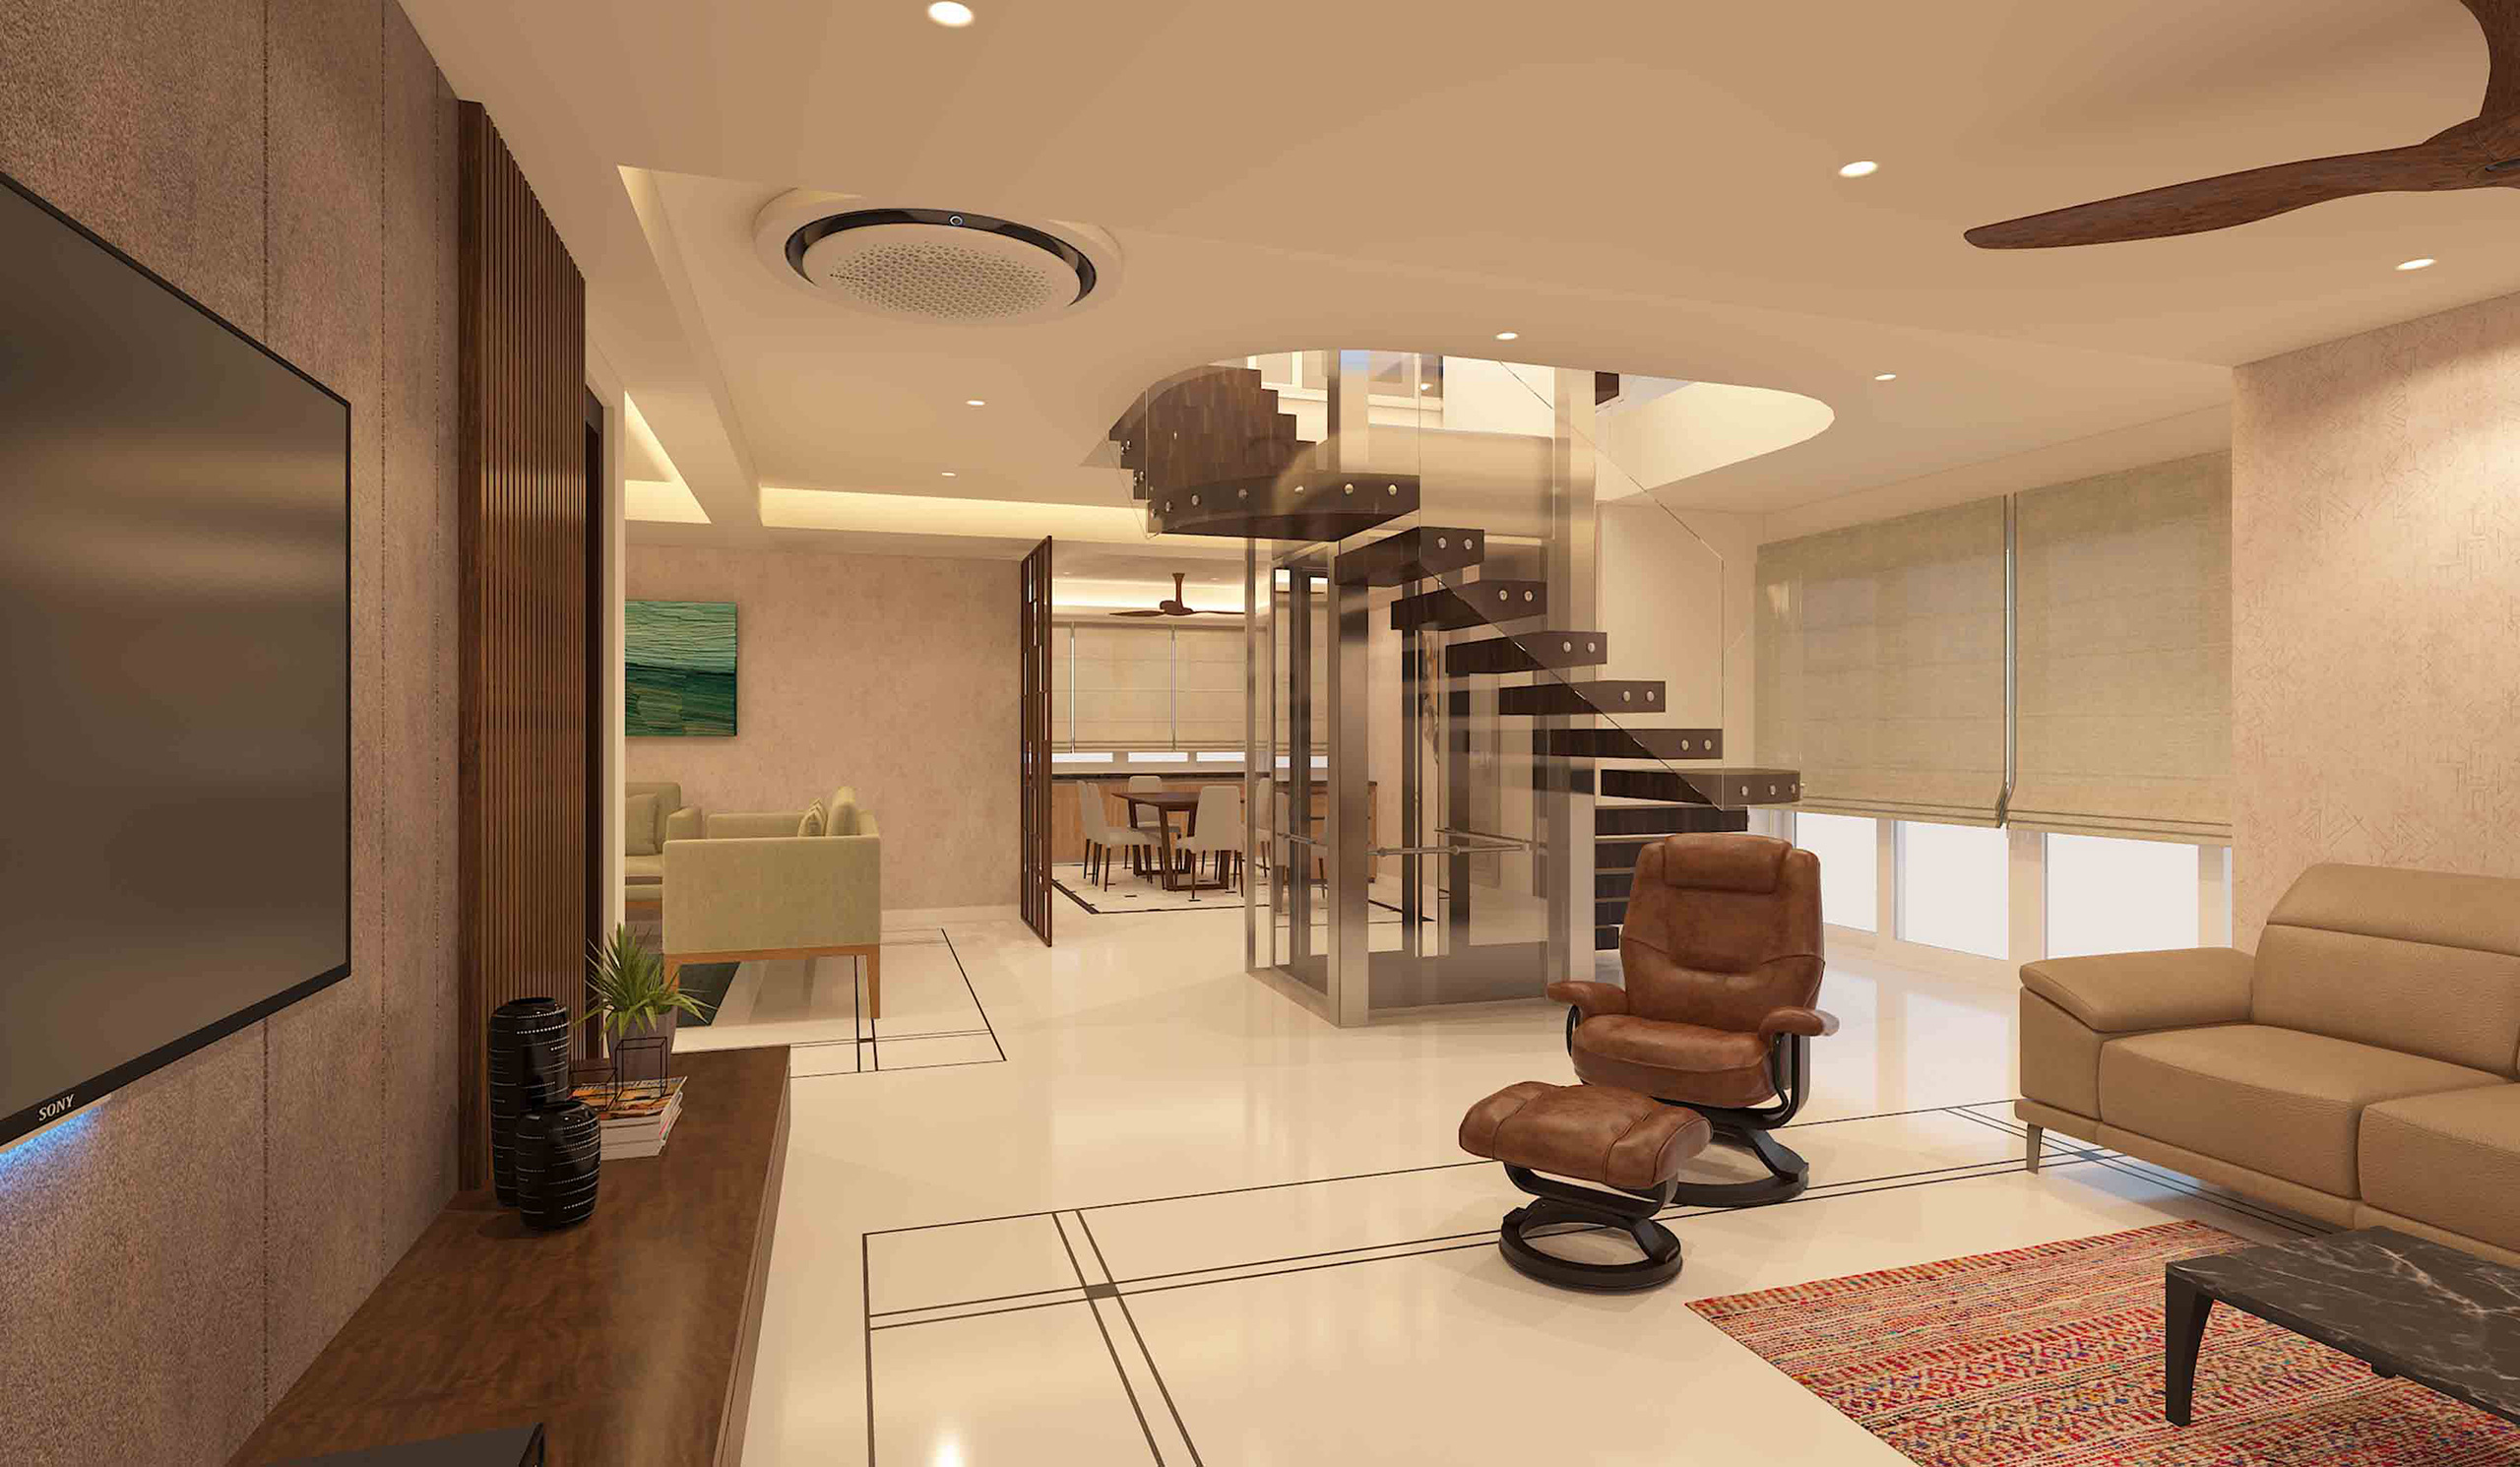 Aishwarya's Own Space